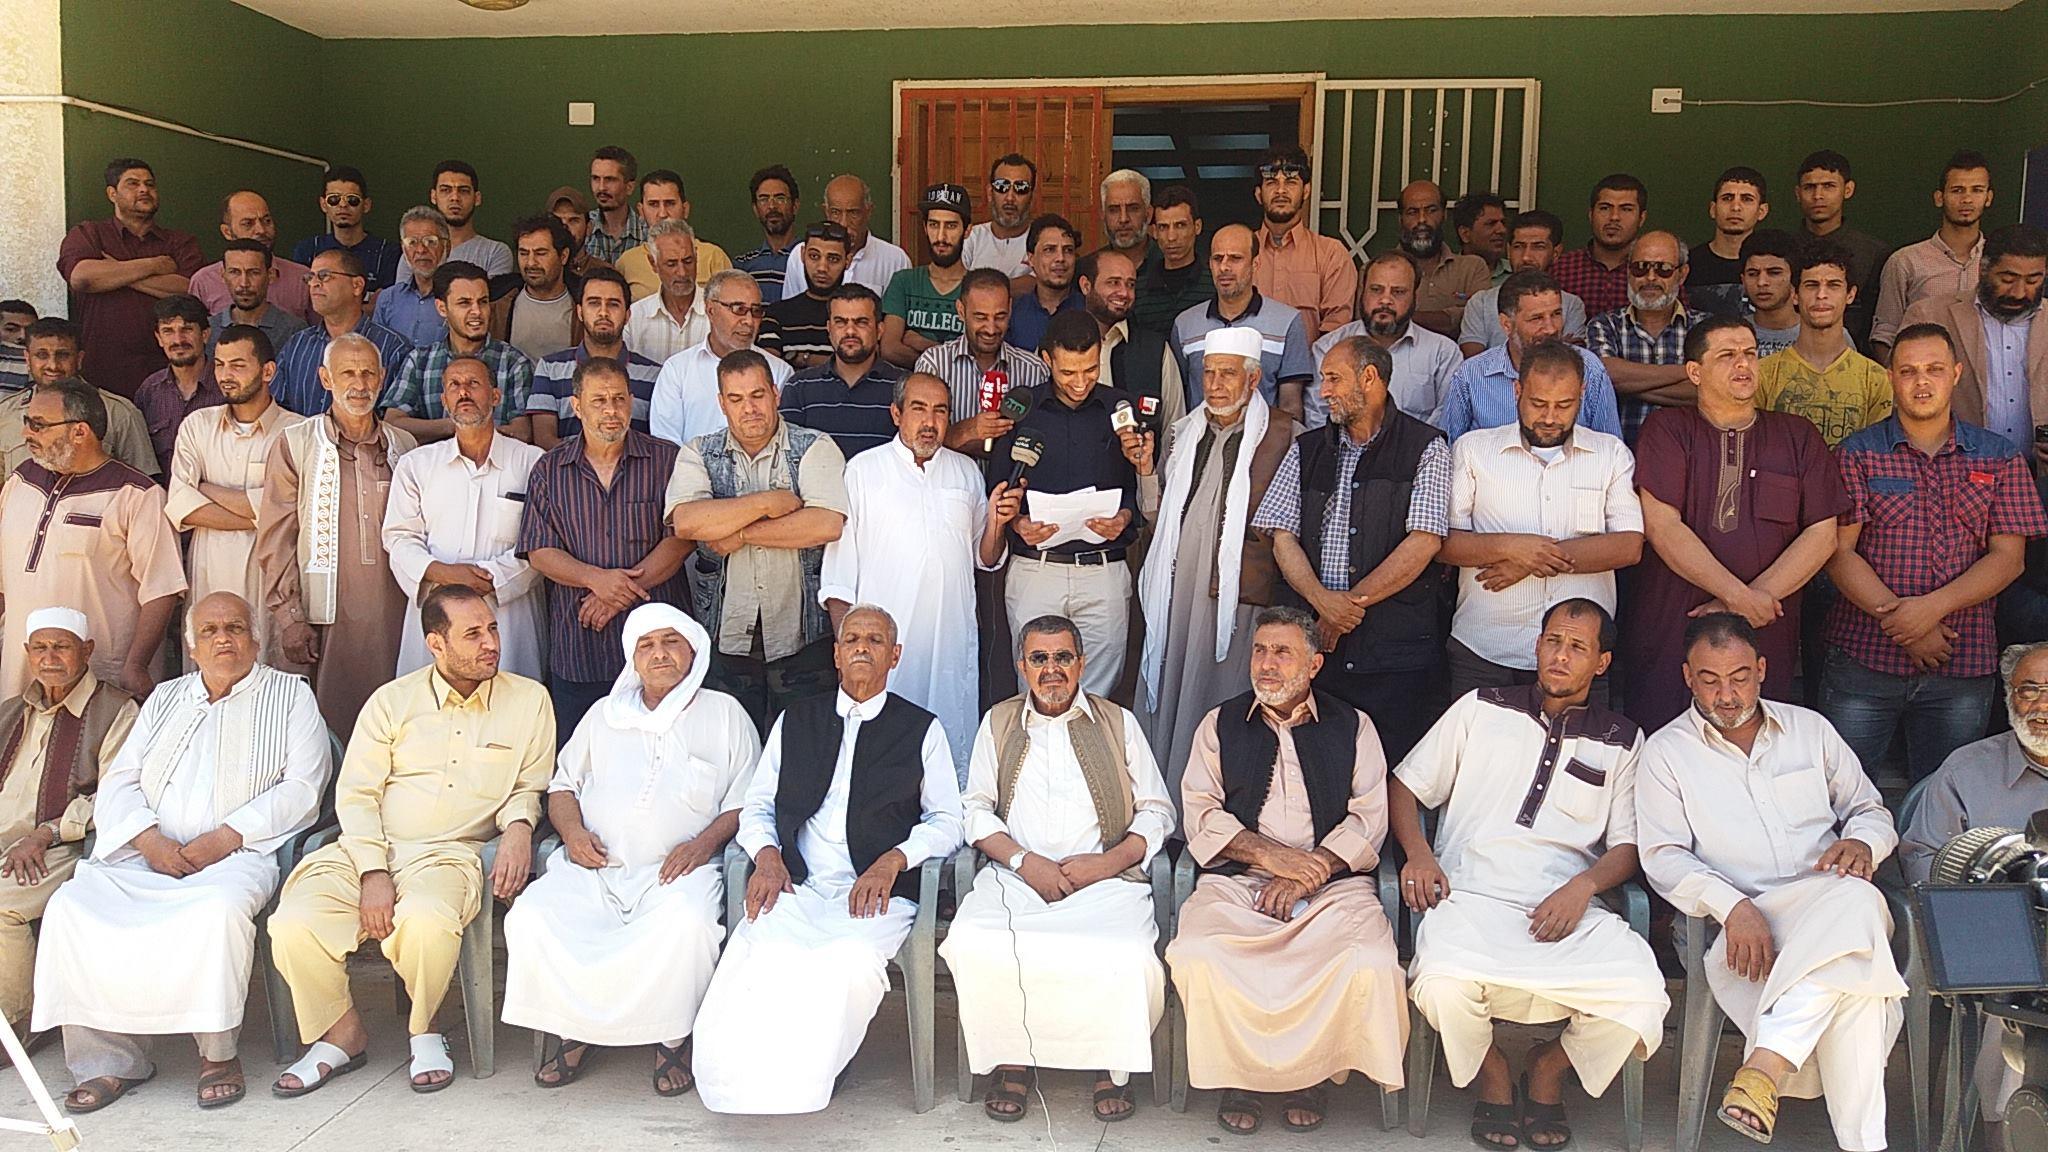 لهذه الأسباب..عدد من سكان درنة يطالبون بعودة العميد الغيثي وإسقاط عضوية انتصار شنيب